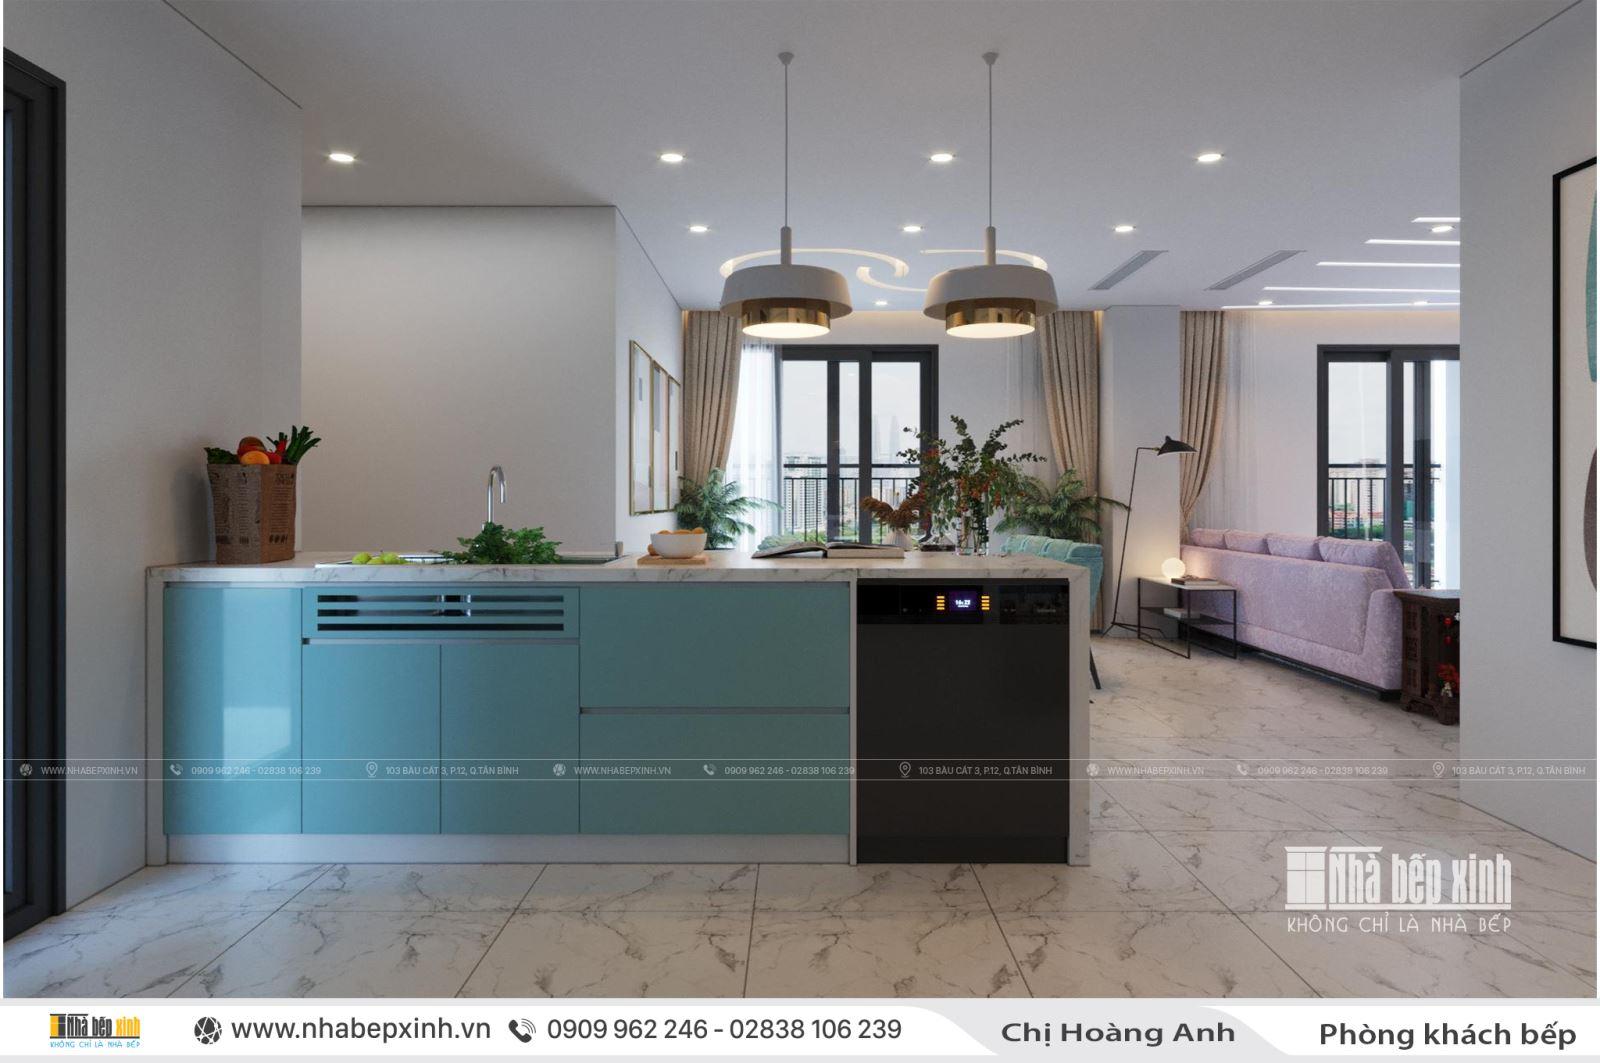 Thiết kế nội thất nguyên căn hiện đại và tiện nghi